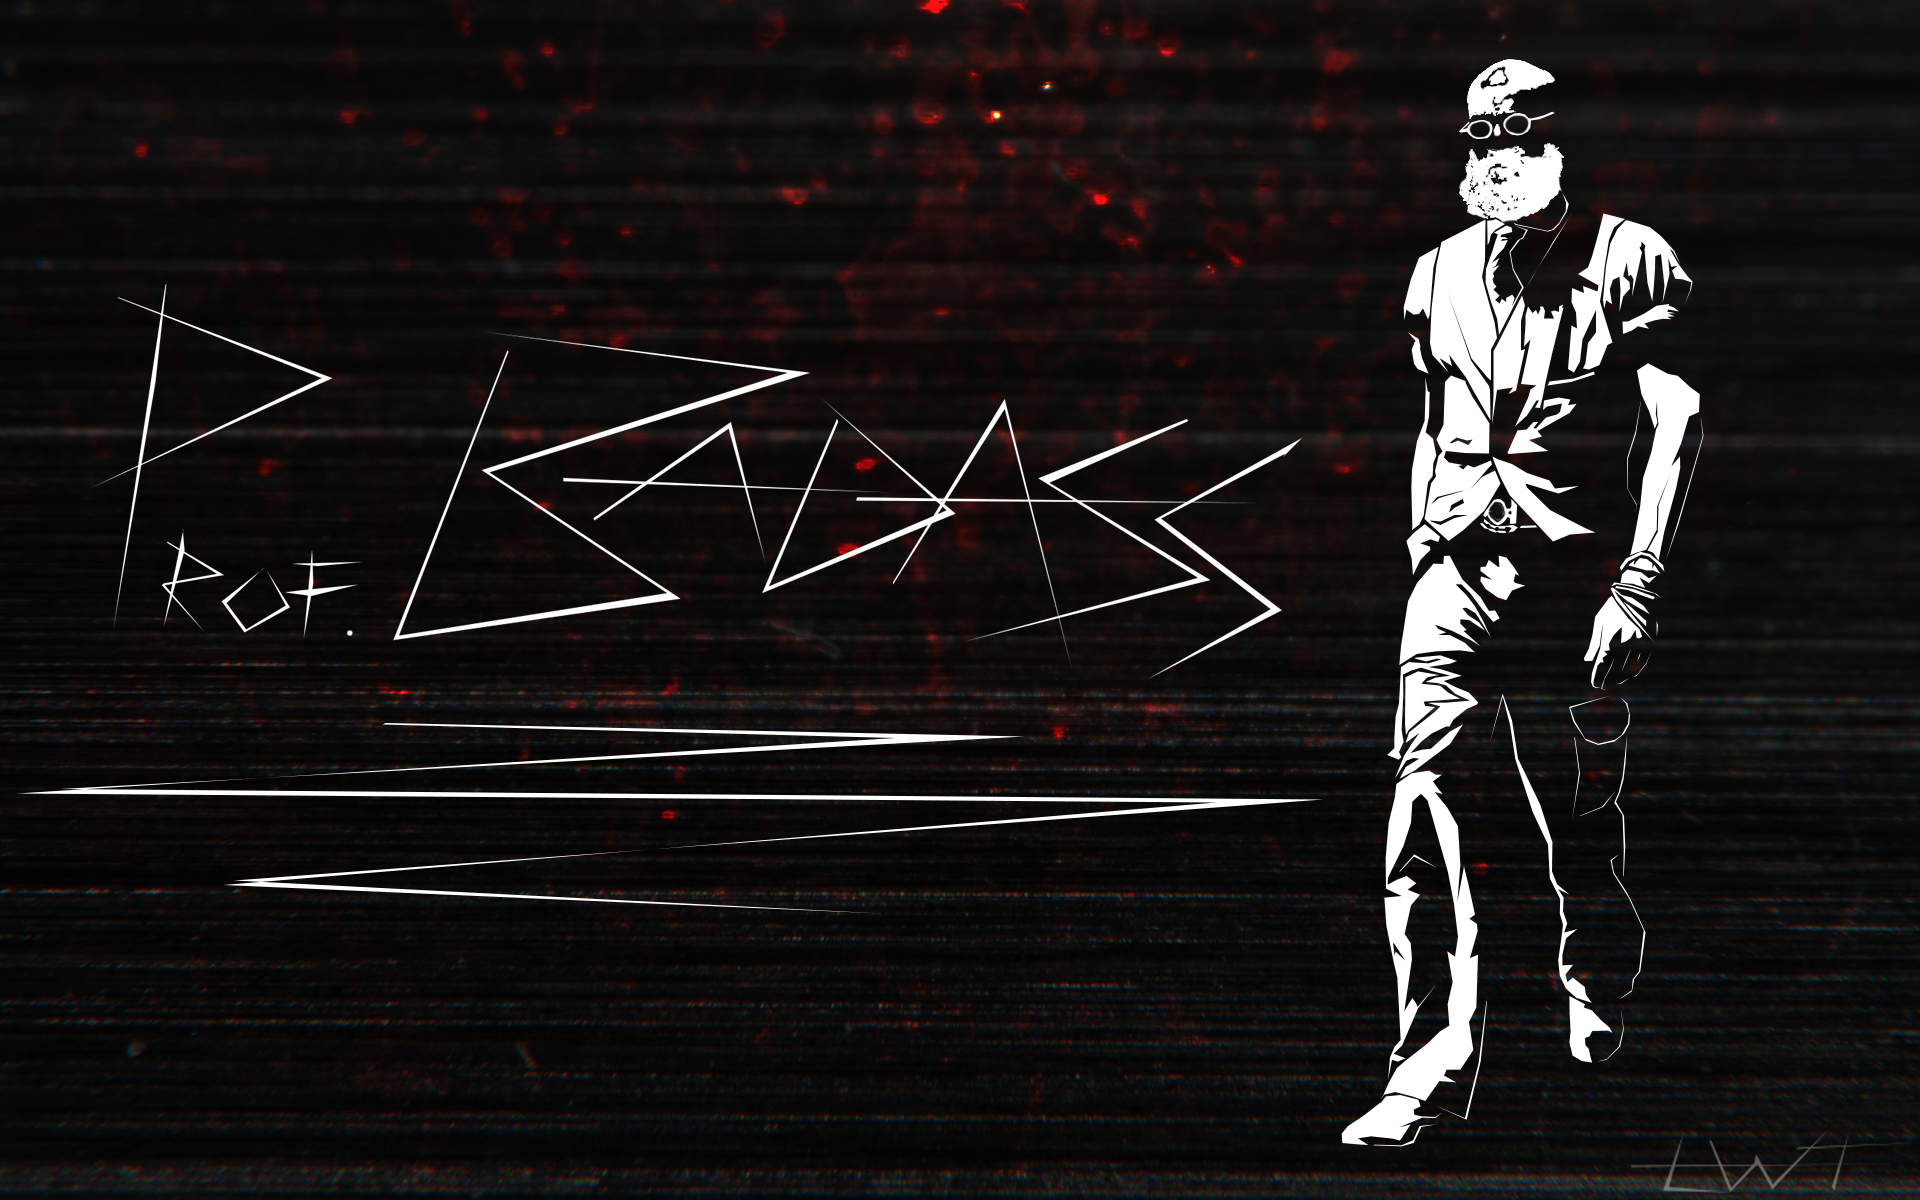 [Image: professor_badass_himself__minimalistic_a...5m3xji.jpg]